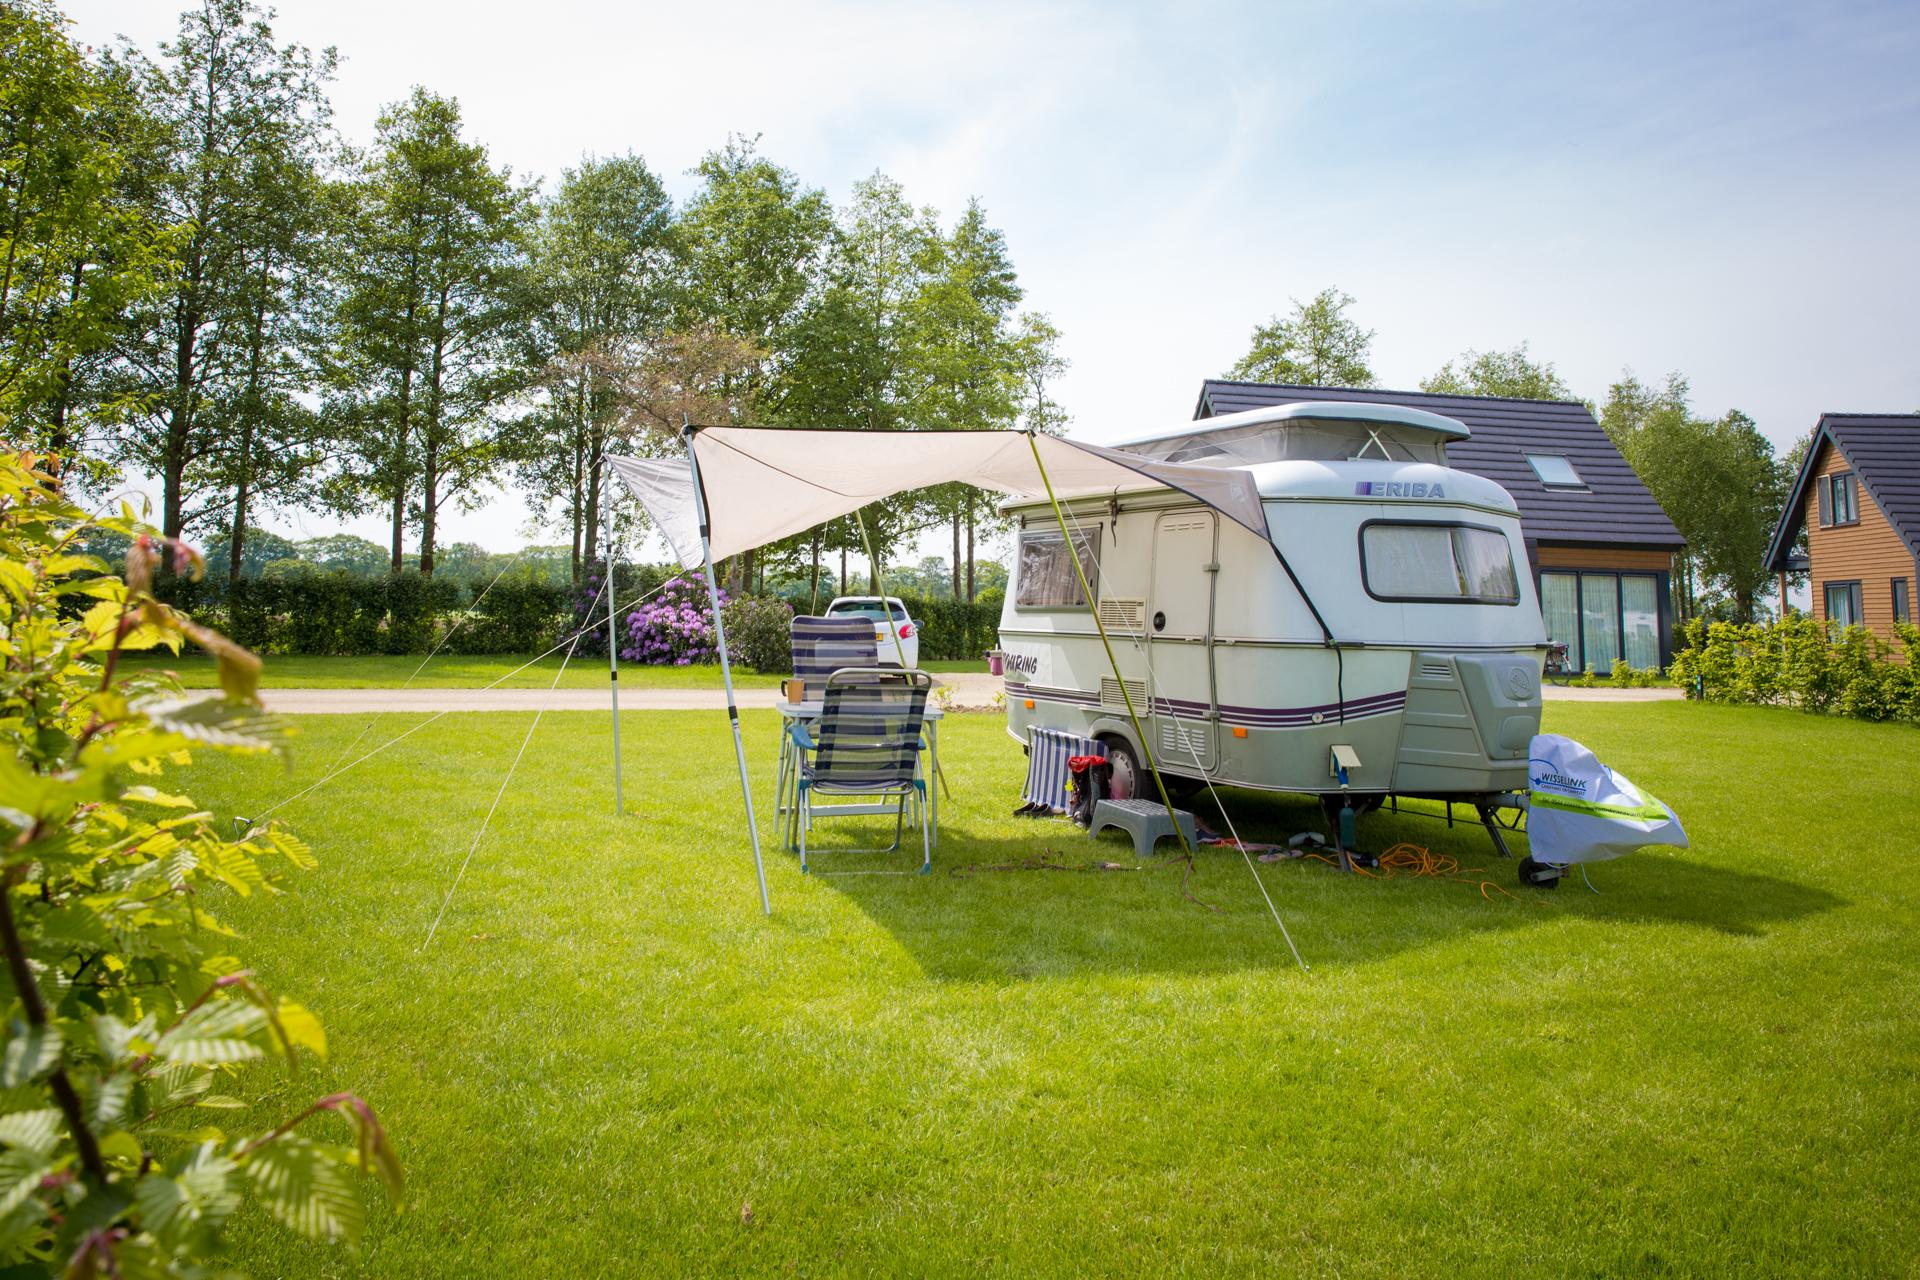 een caravan met luivel op het gras met bomen en vakantie villa's op de achtergrond.